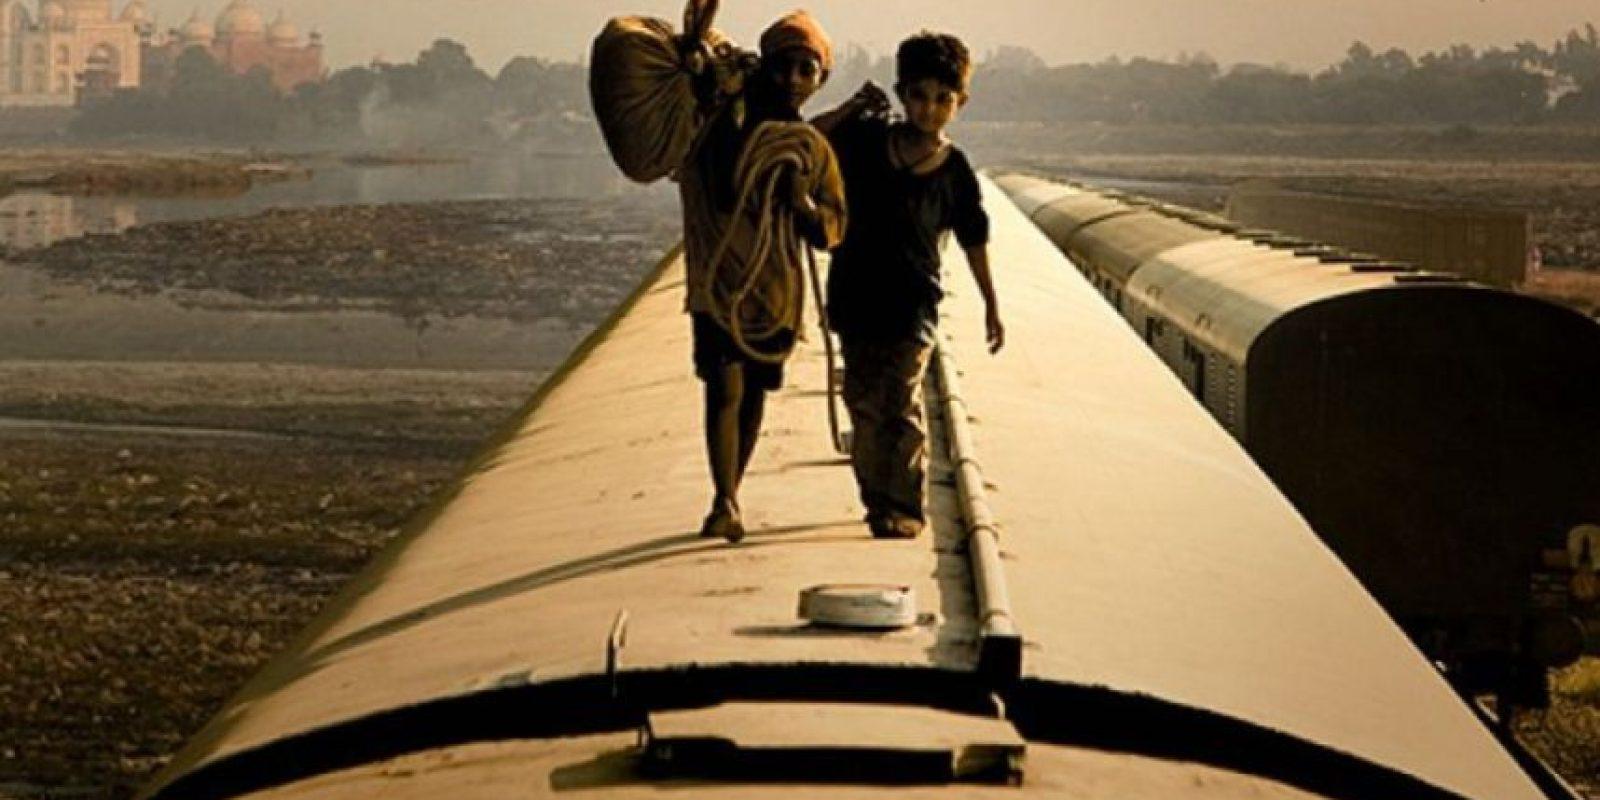 """11- """"¿Quién quiere ser millonario?"""" es una película Indio-británica del 2008, dirigida por Danny Boyle y escrita por Simon Beaufoy, ganadora de 8 Premios Óscar. Foto:Film4 / Celador Films"""